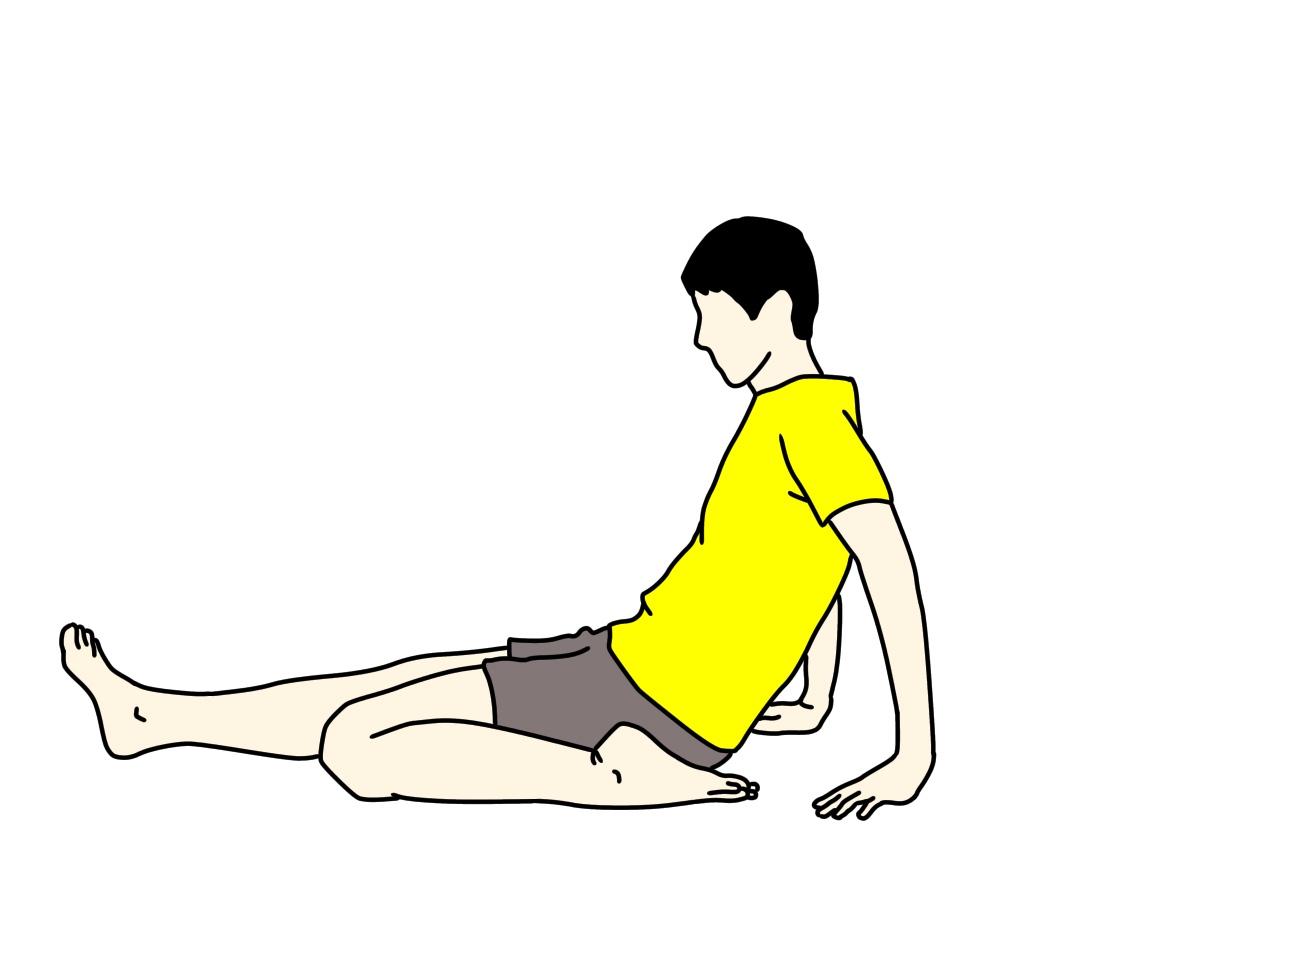 前後開脚(スピリッツ)の動作を柔らかくしたい人にオススメの大腿四頭筋のストレッチ1